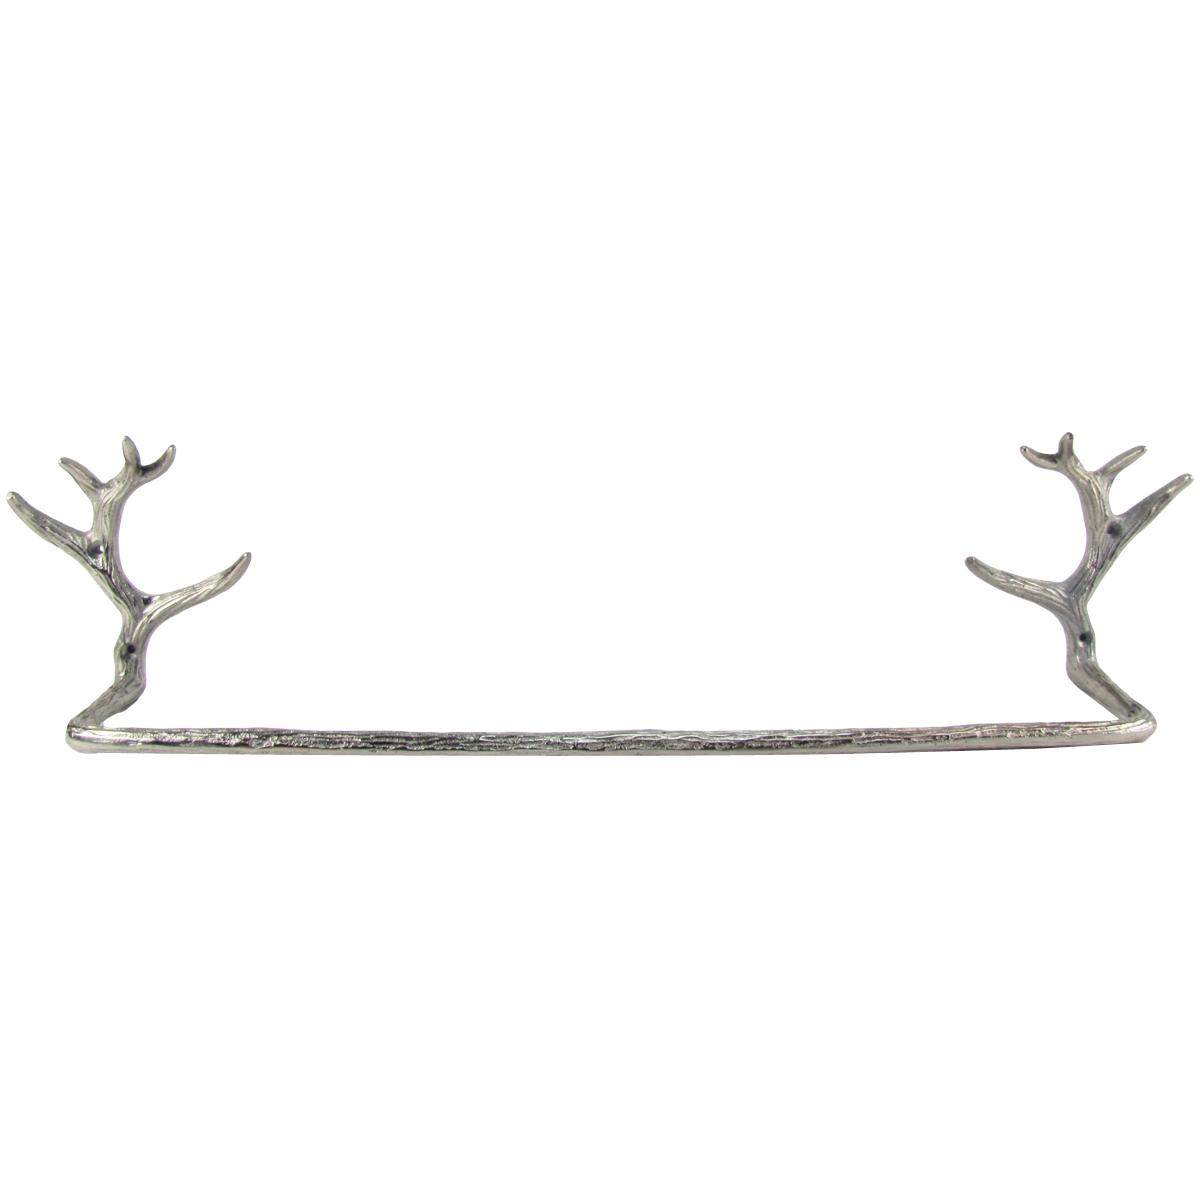 Wall Mount Deer Antler Towel Bar Holder Rack Rustic Hunti...